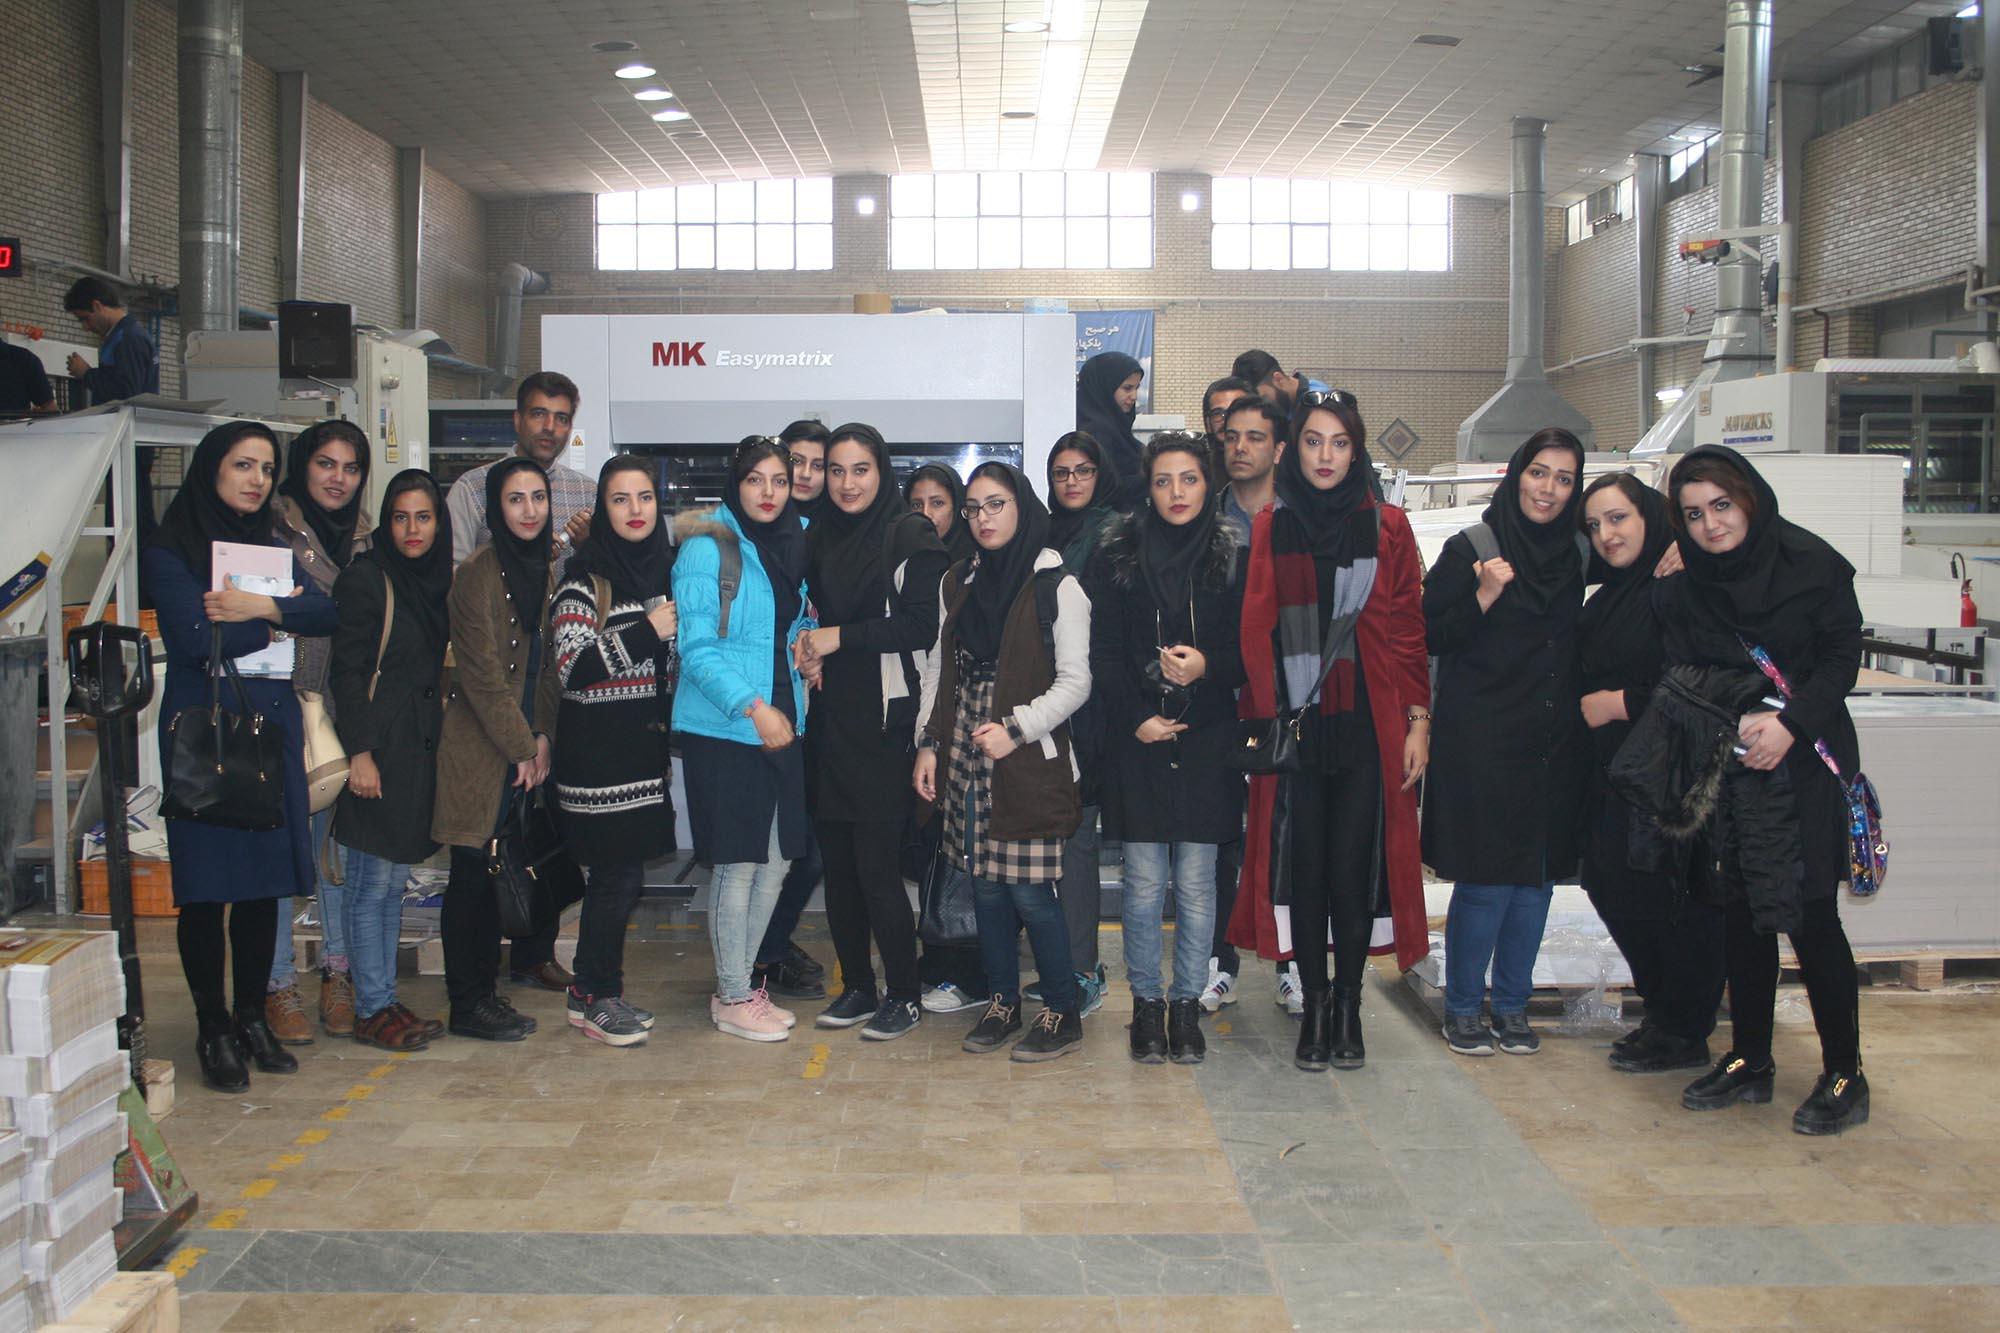 مؤسسه آموزش عالی امین-زمستان 95